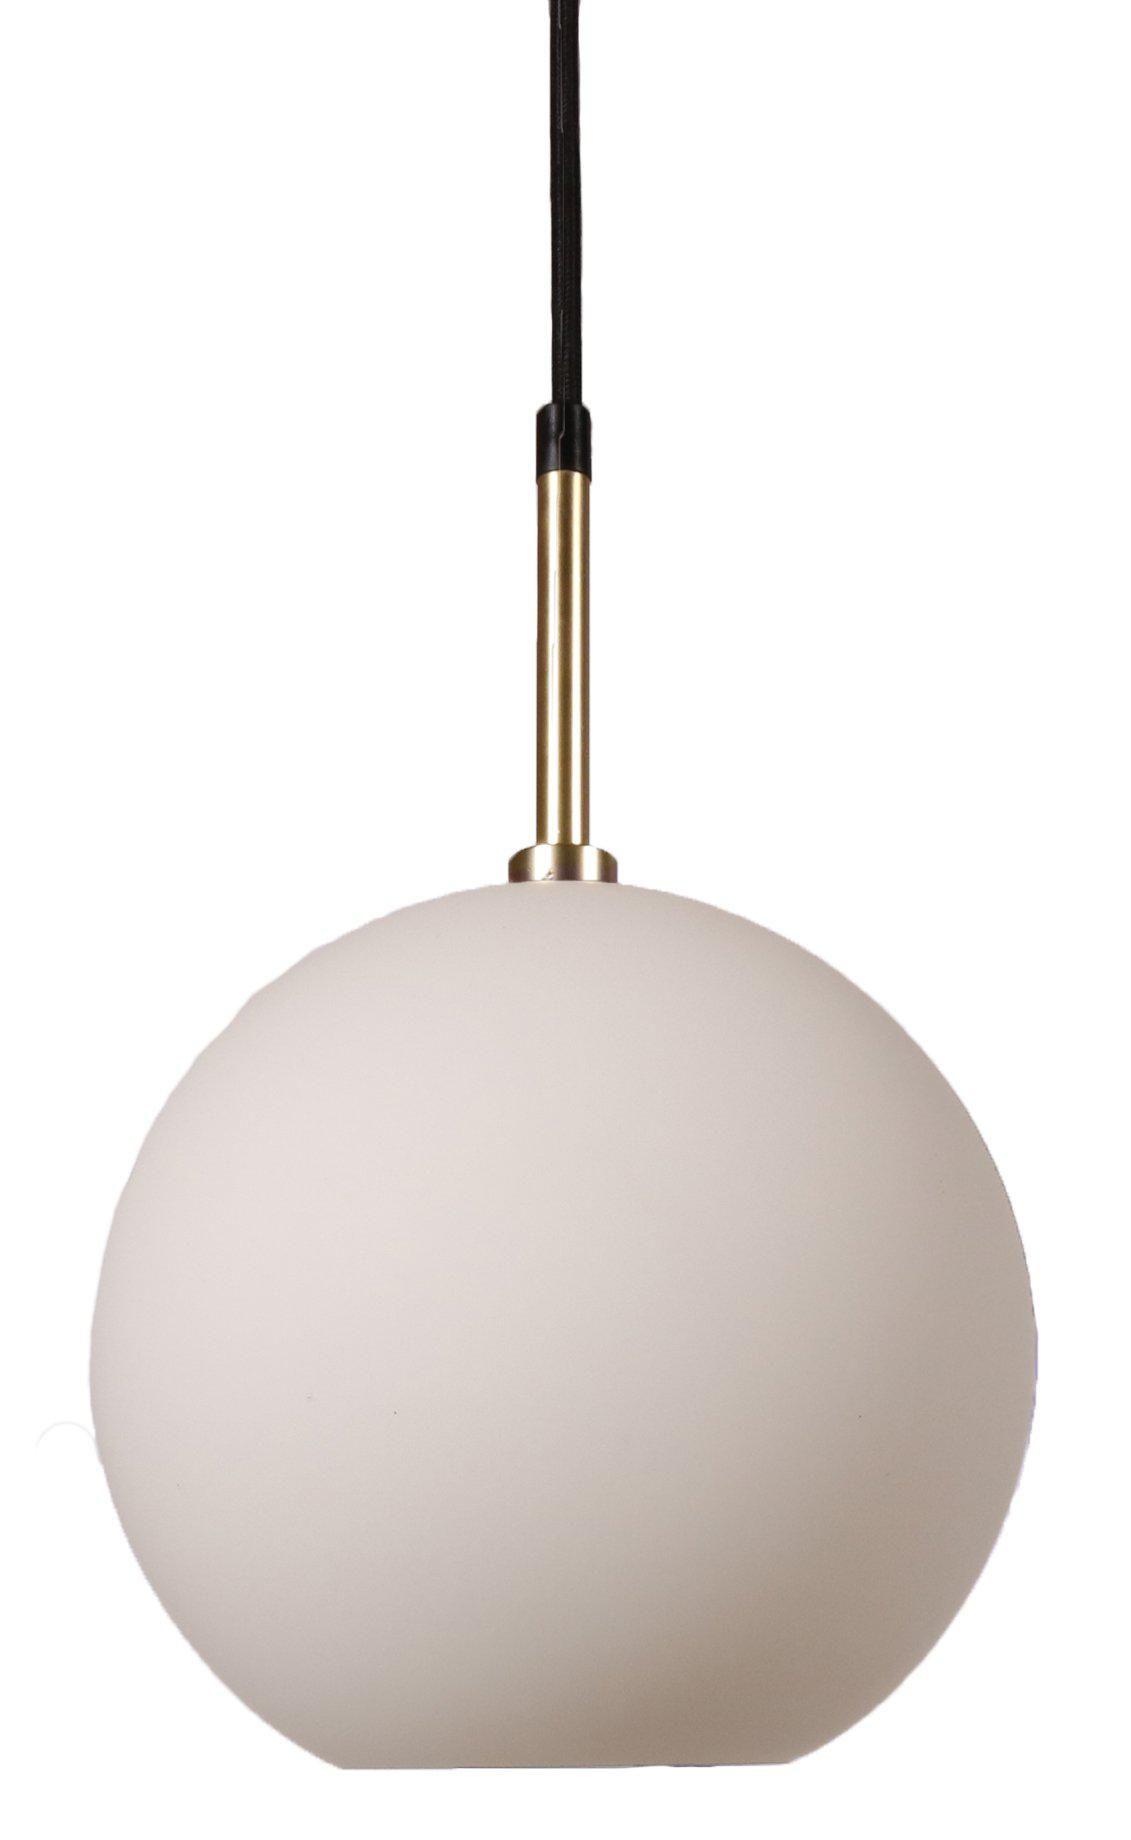 Fönsterlampa Milla - PR Home